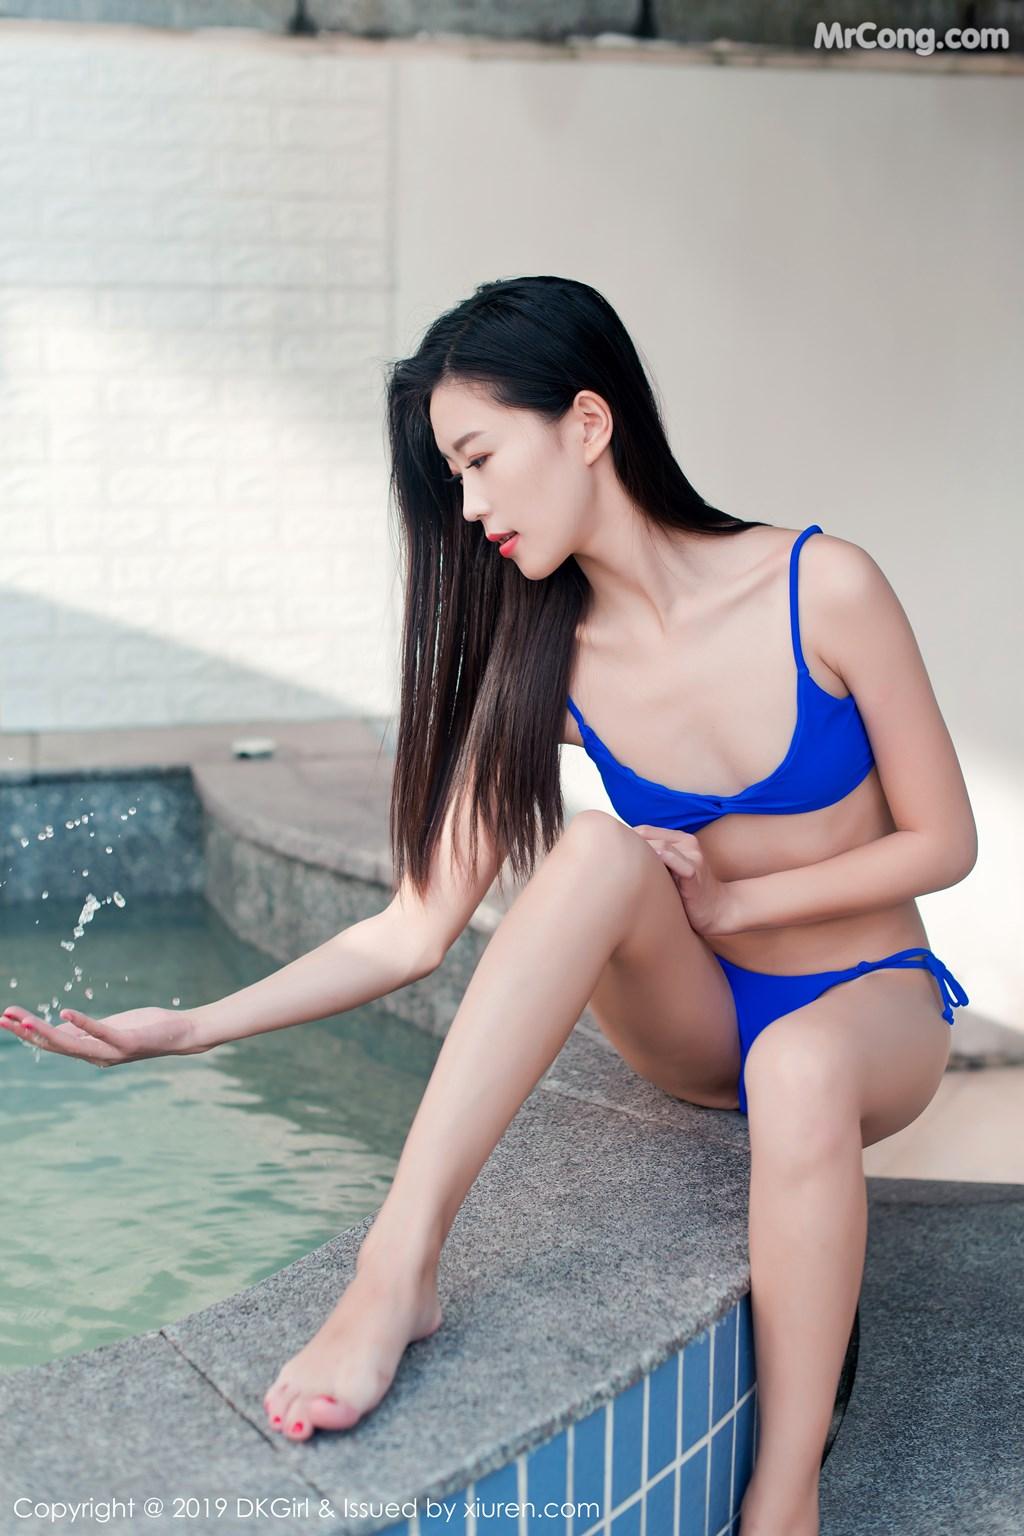 Image DKGirl-Vol.119-Alice-MrCong.com-007 in post DKGirl Vol.119: 小子怡Alice (38 ảnh)